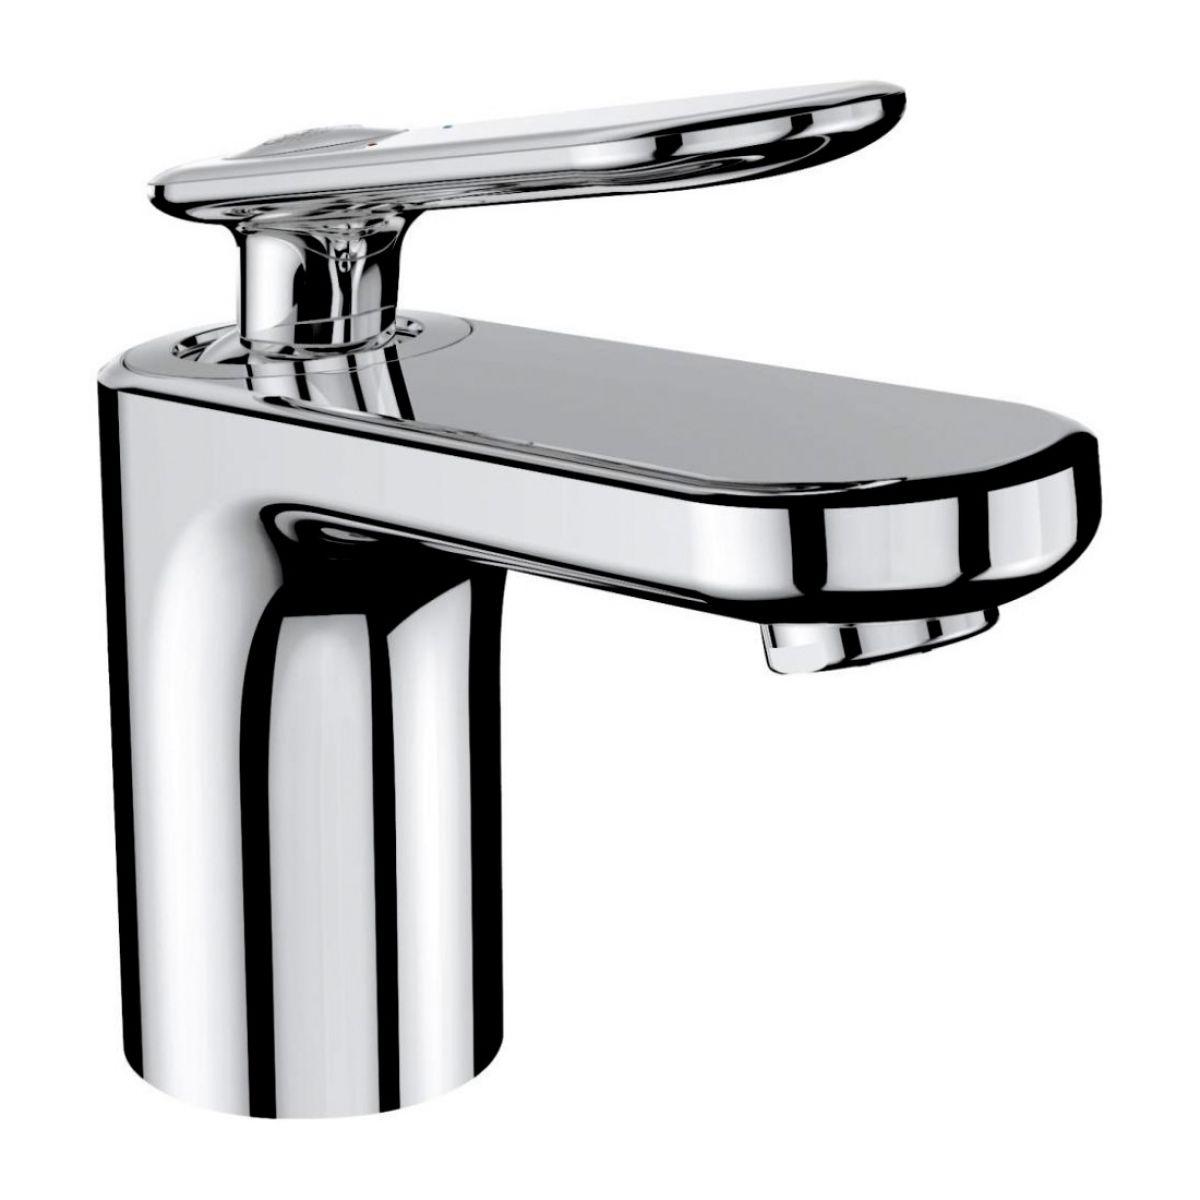 Grohe Veris Basin Mixer Tap : UK Bathrooms